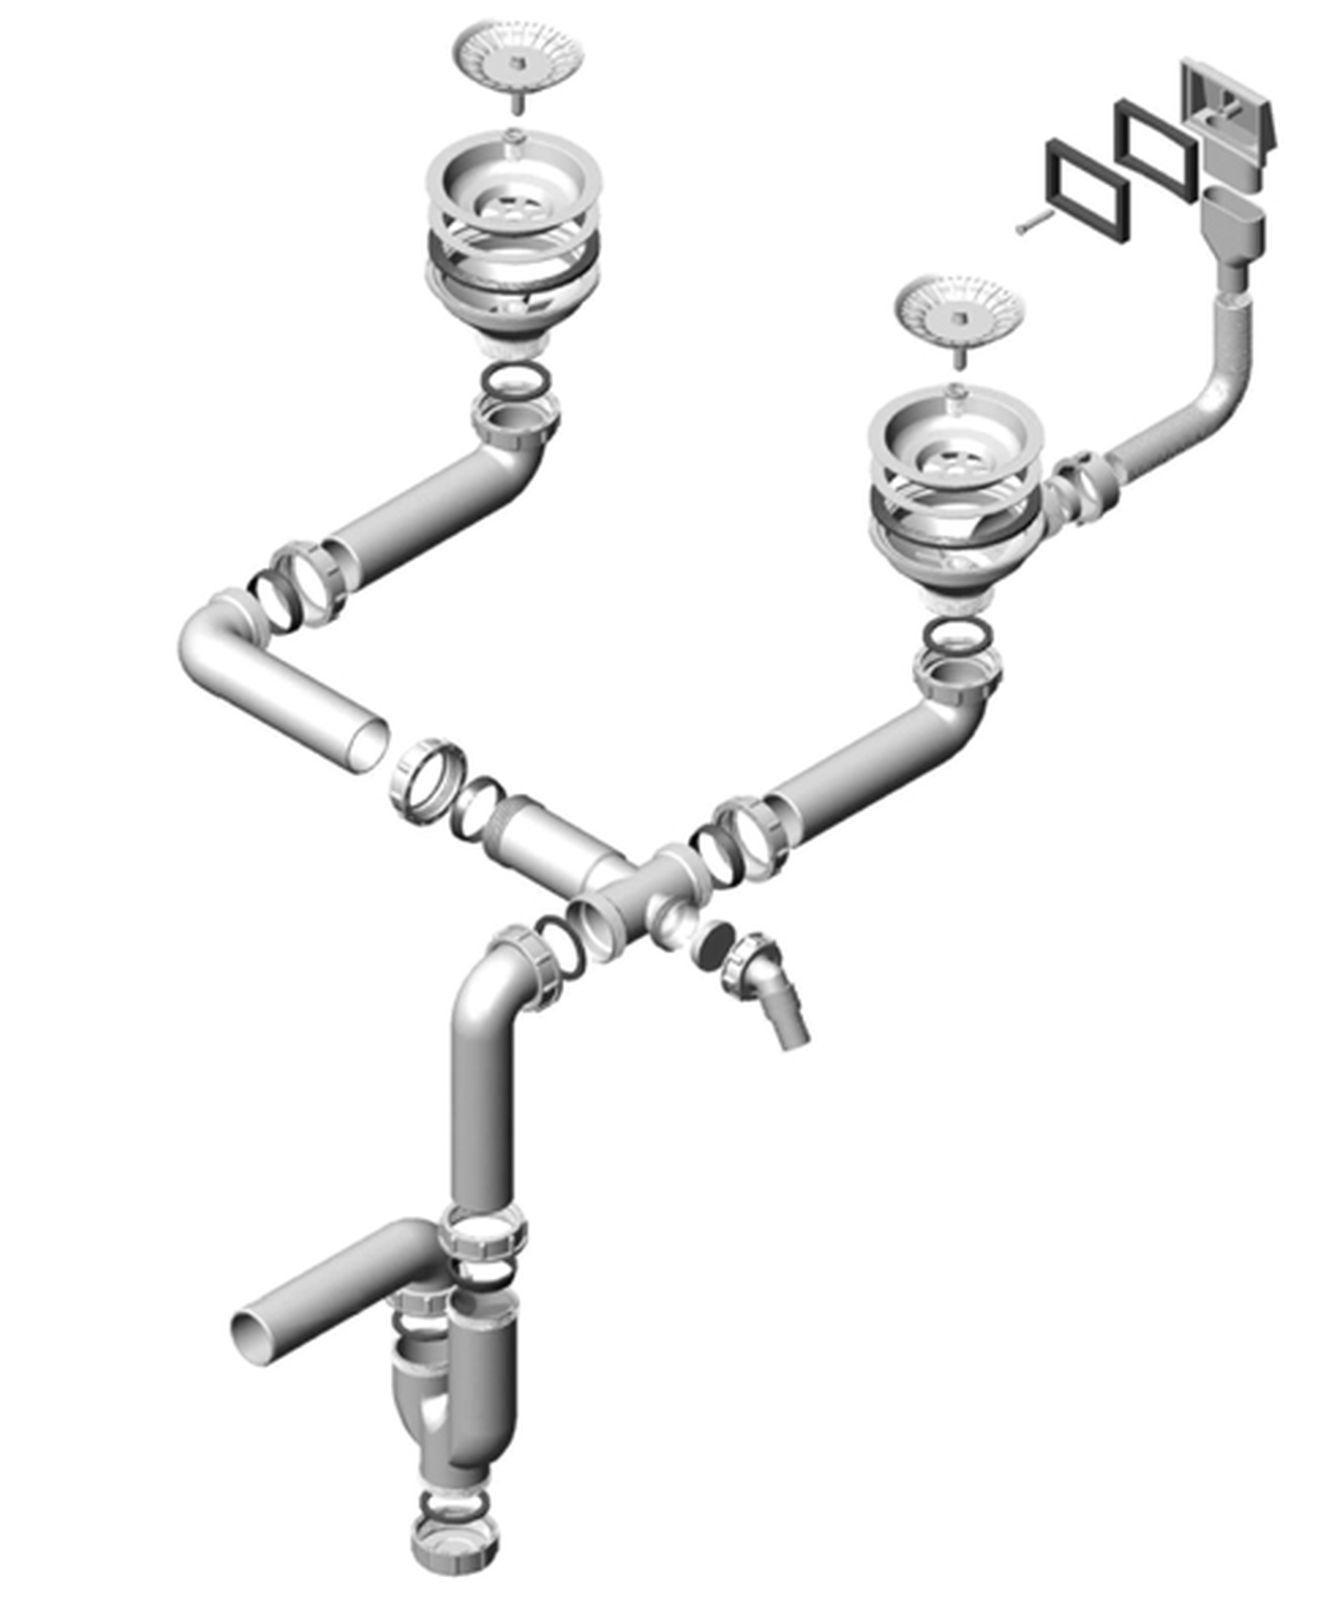 Luxus Franke Armaturen Zerlegen Design